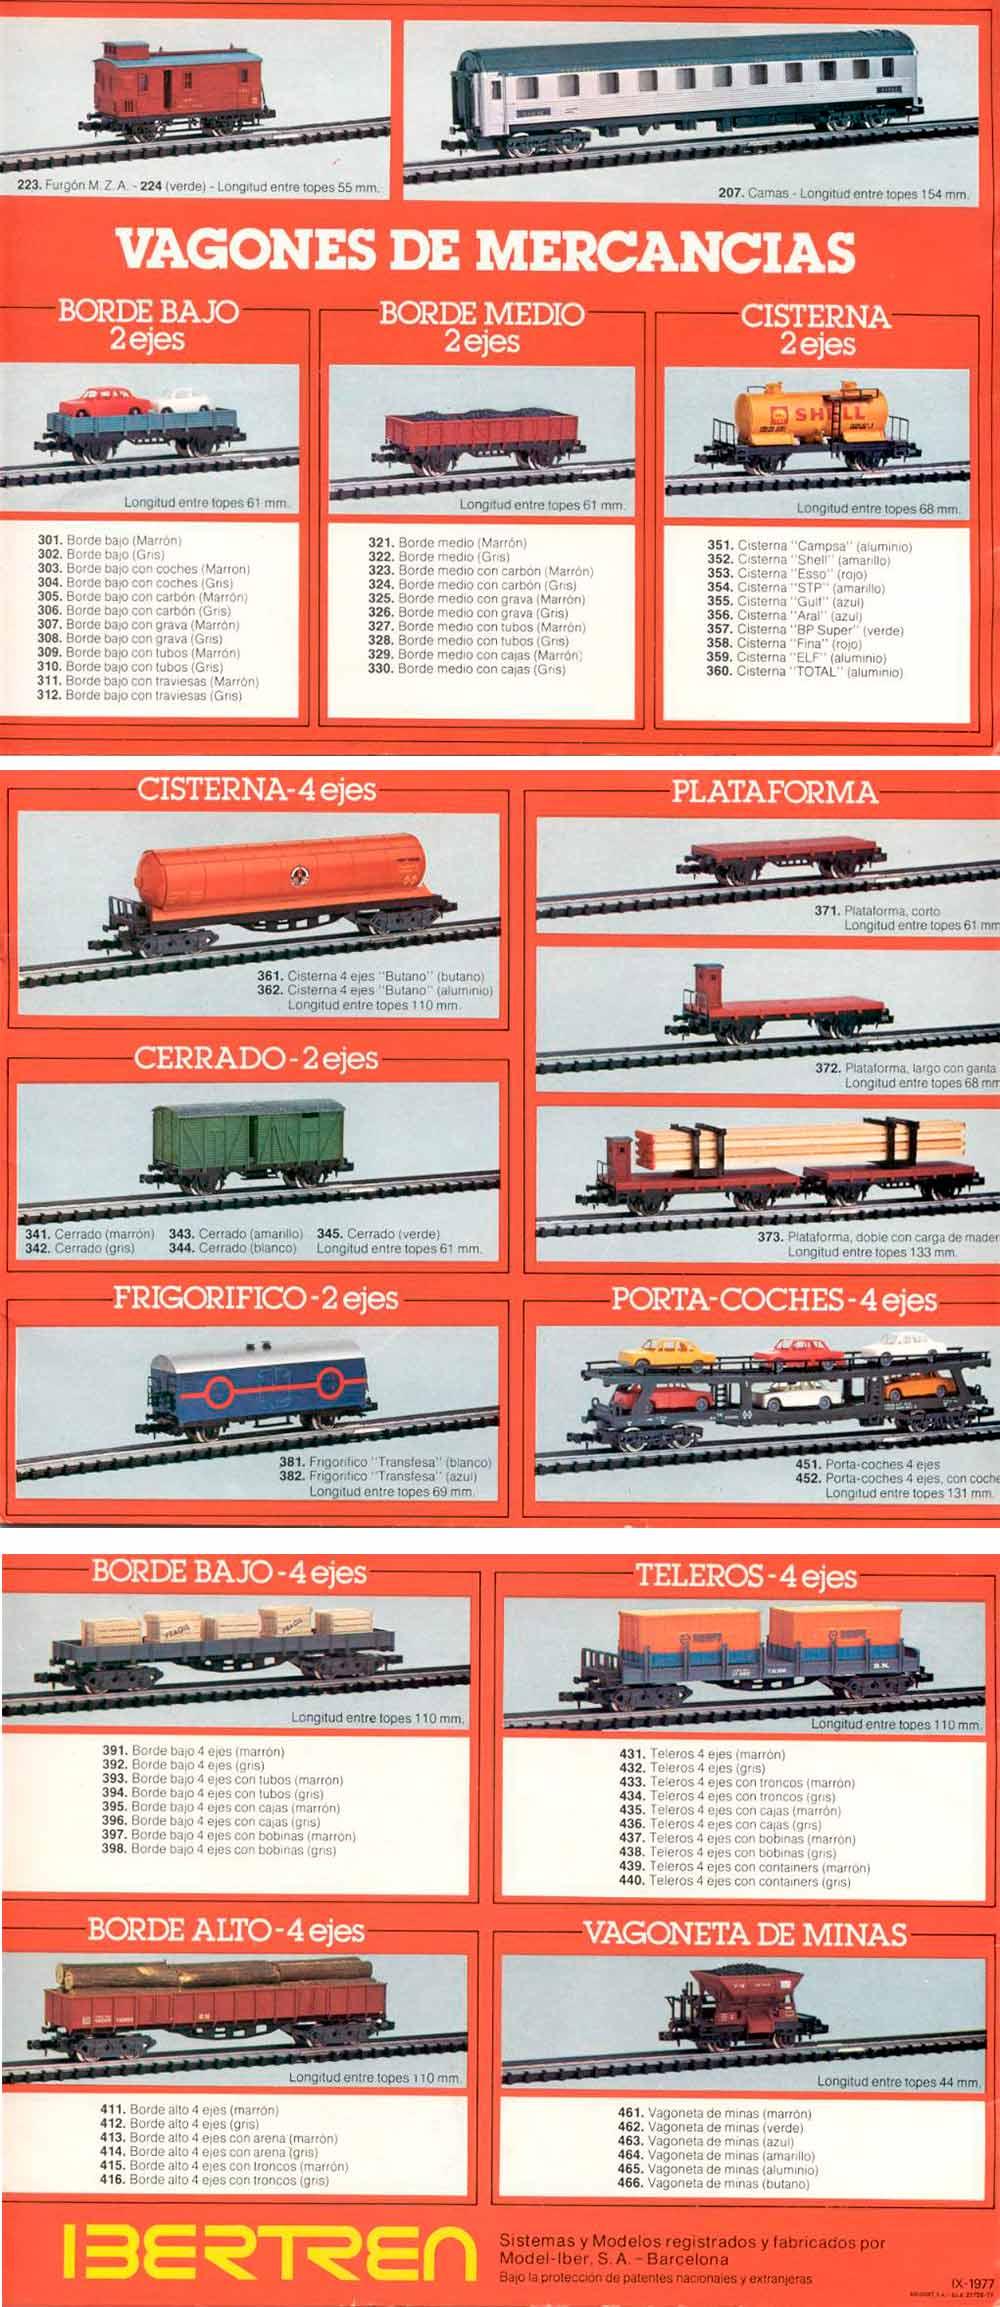 Catálogo Ibertren 1977 - Vagones de mercancías